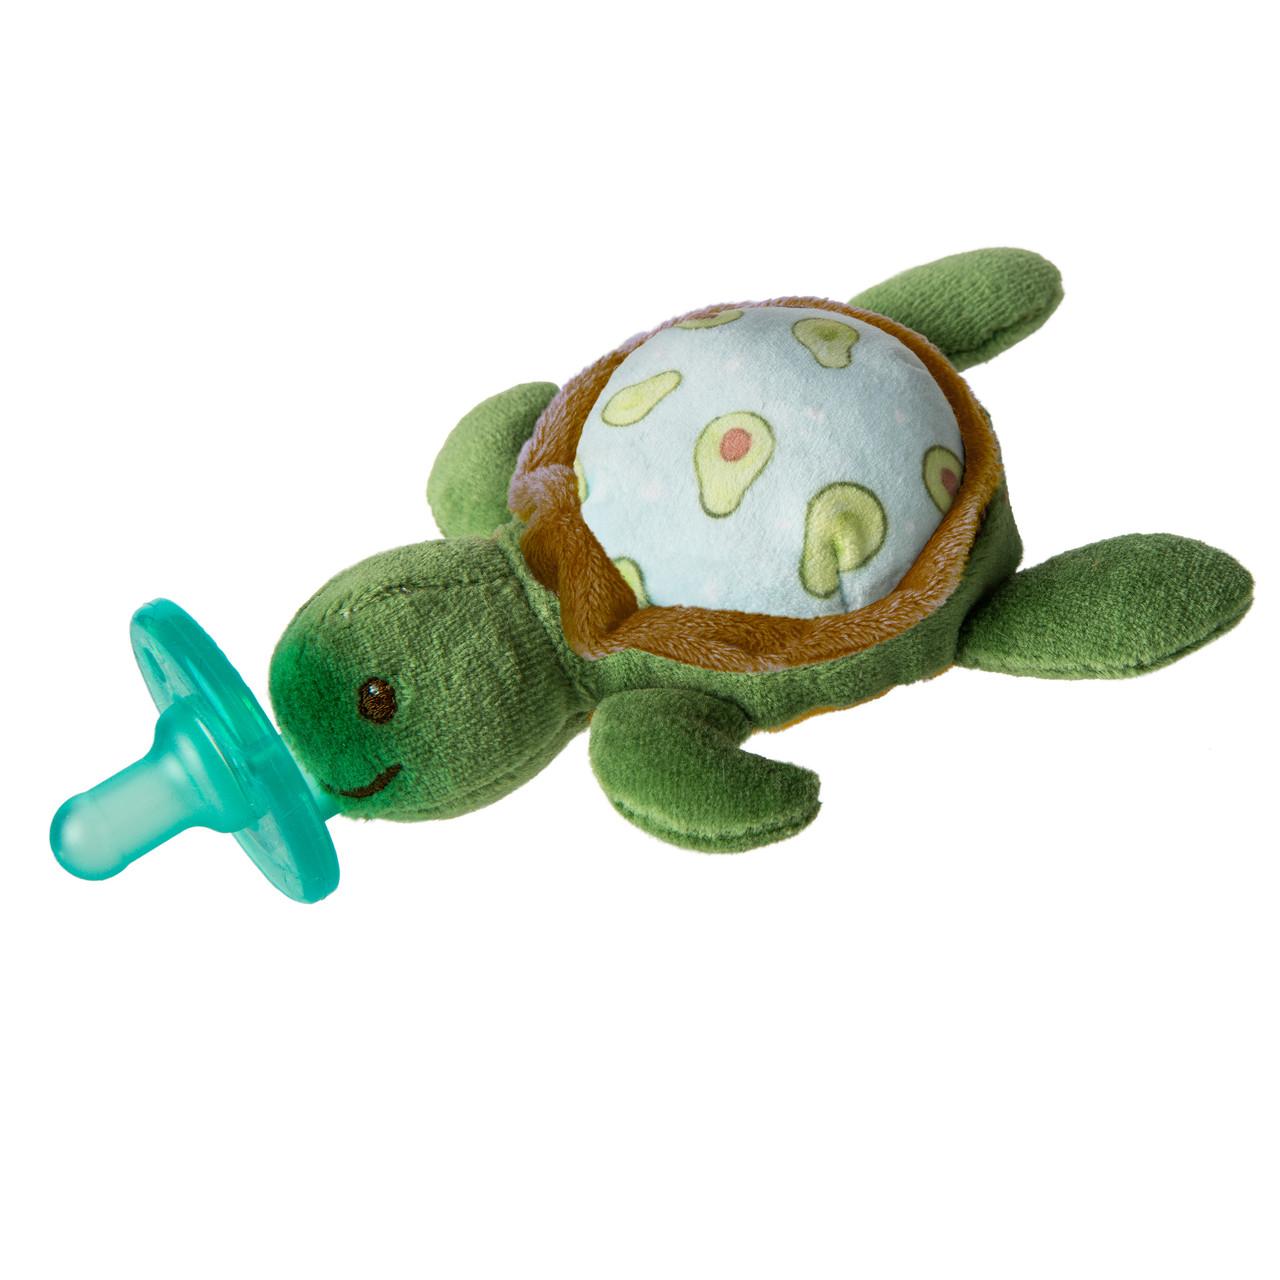 Yummy Avocado Turtle WubbaNub